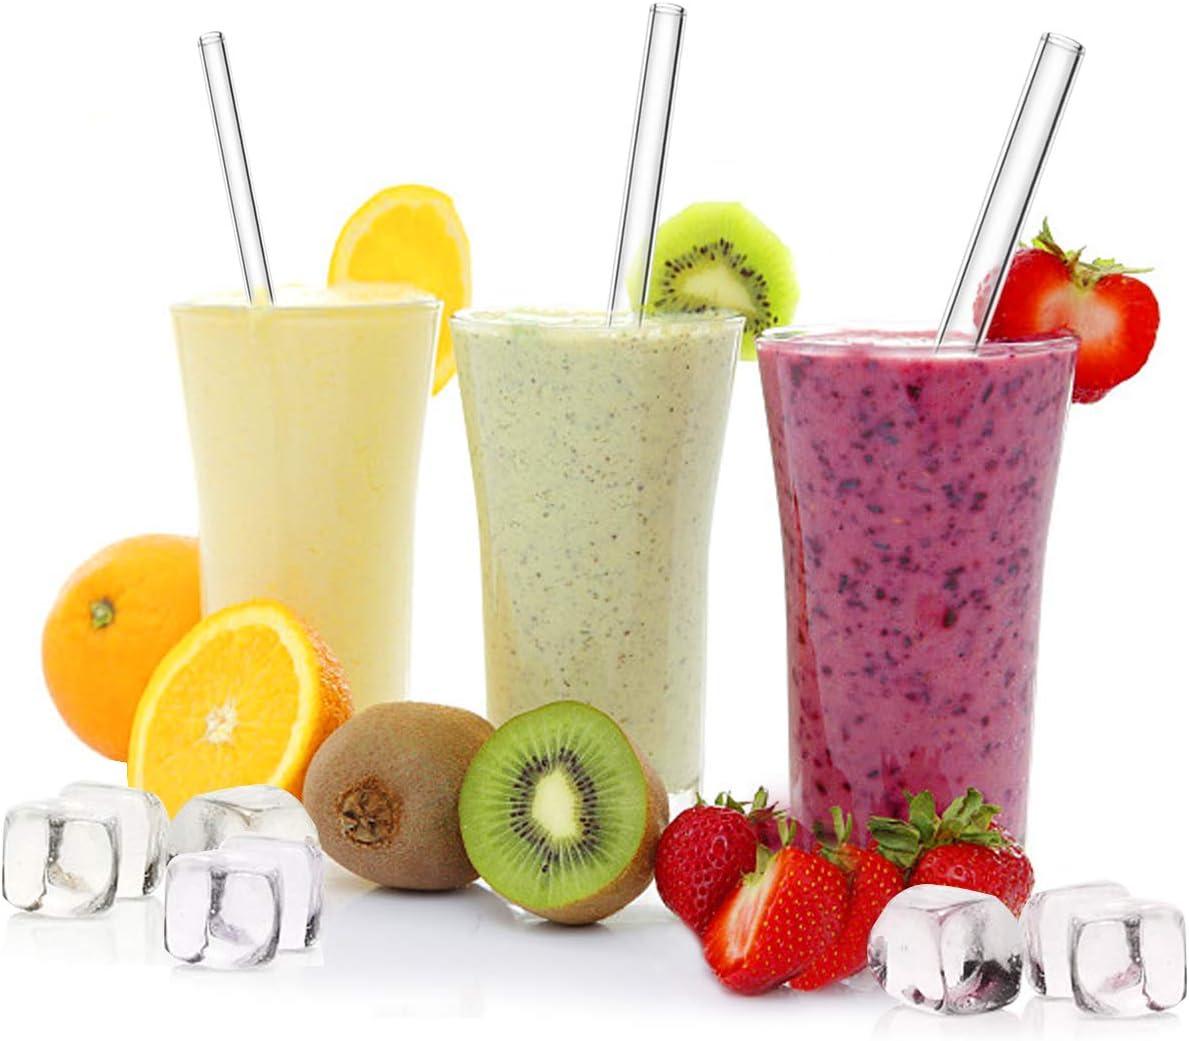 Environmentally Friendly Smoothies Milkshakes BPA-Free WOWDSGN Glass Drinking Straws,16 pcs Straw Set Bubble Tea Drinks Reusable Straw for Smoothie